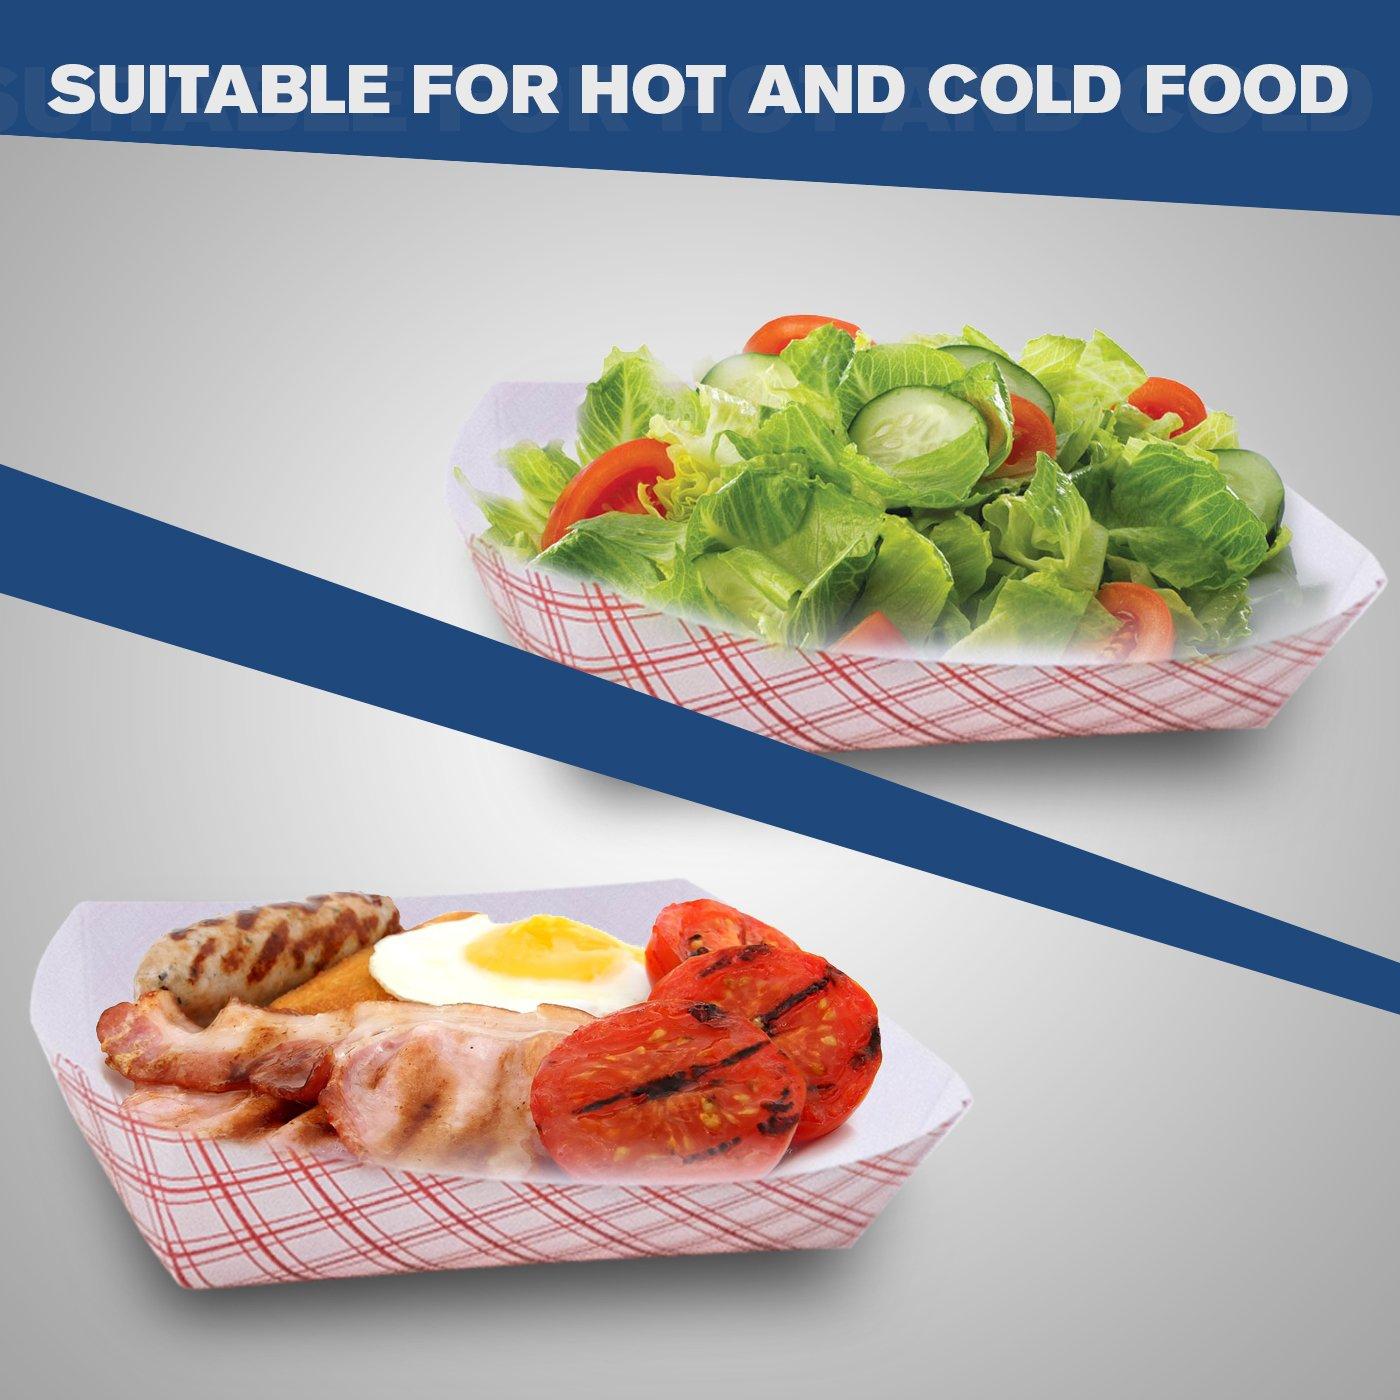 Bandeja de papel para alimentos, capacidad de 2,5lb, ecológica, bandeja de comida roja fabricada en EE. UU. reciclable y biodegradable, aprobada por la FDA, ...